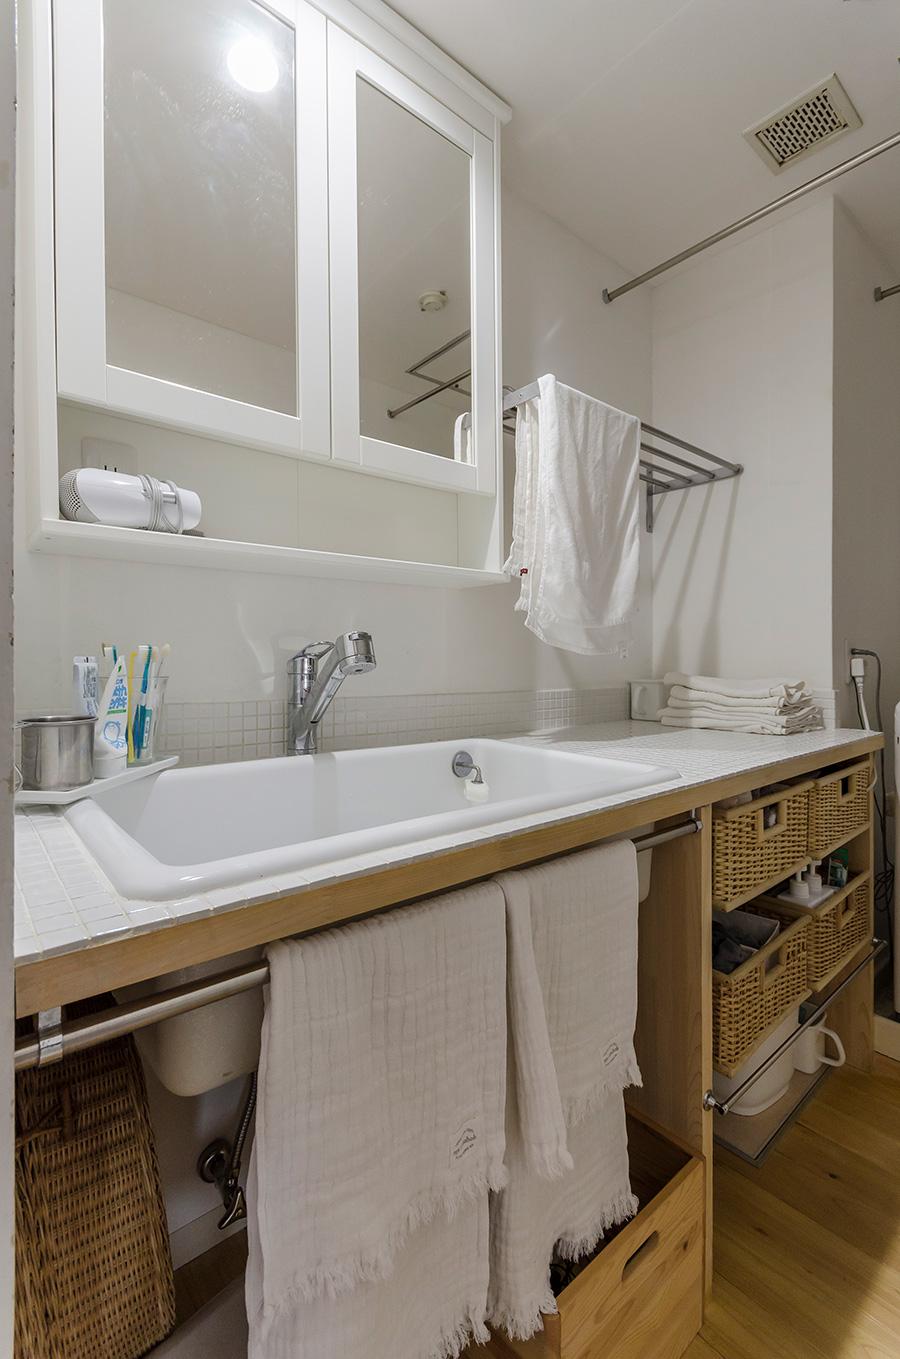 造作の洗面化粧台。天板は最初は木だったのが傷んできたのでタイルを貼った。